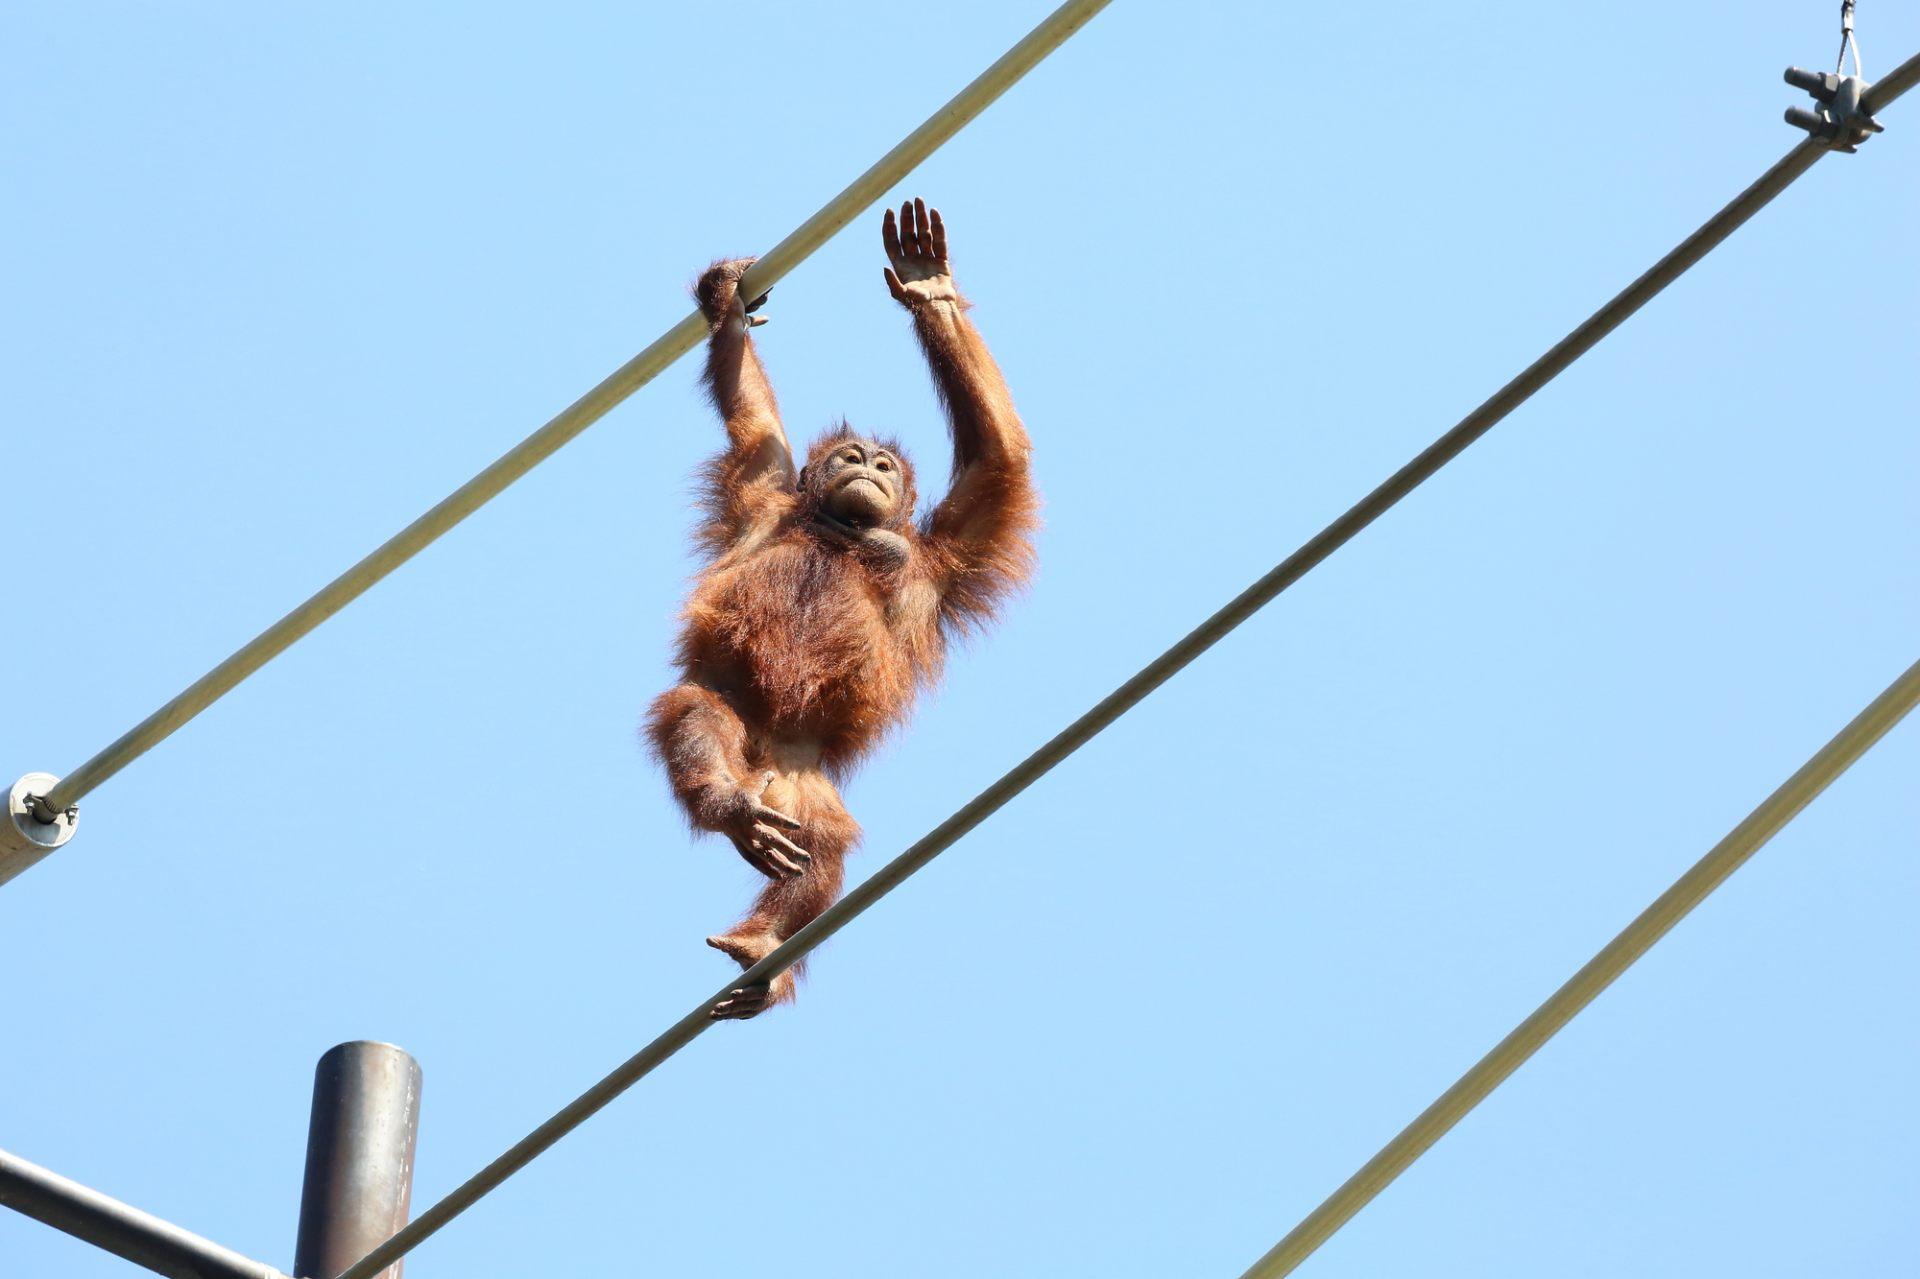 紅毛猩猩的「空中漫步」很有人氣!